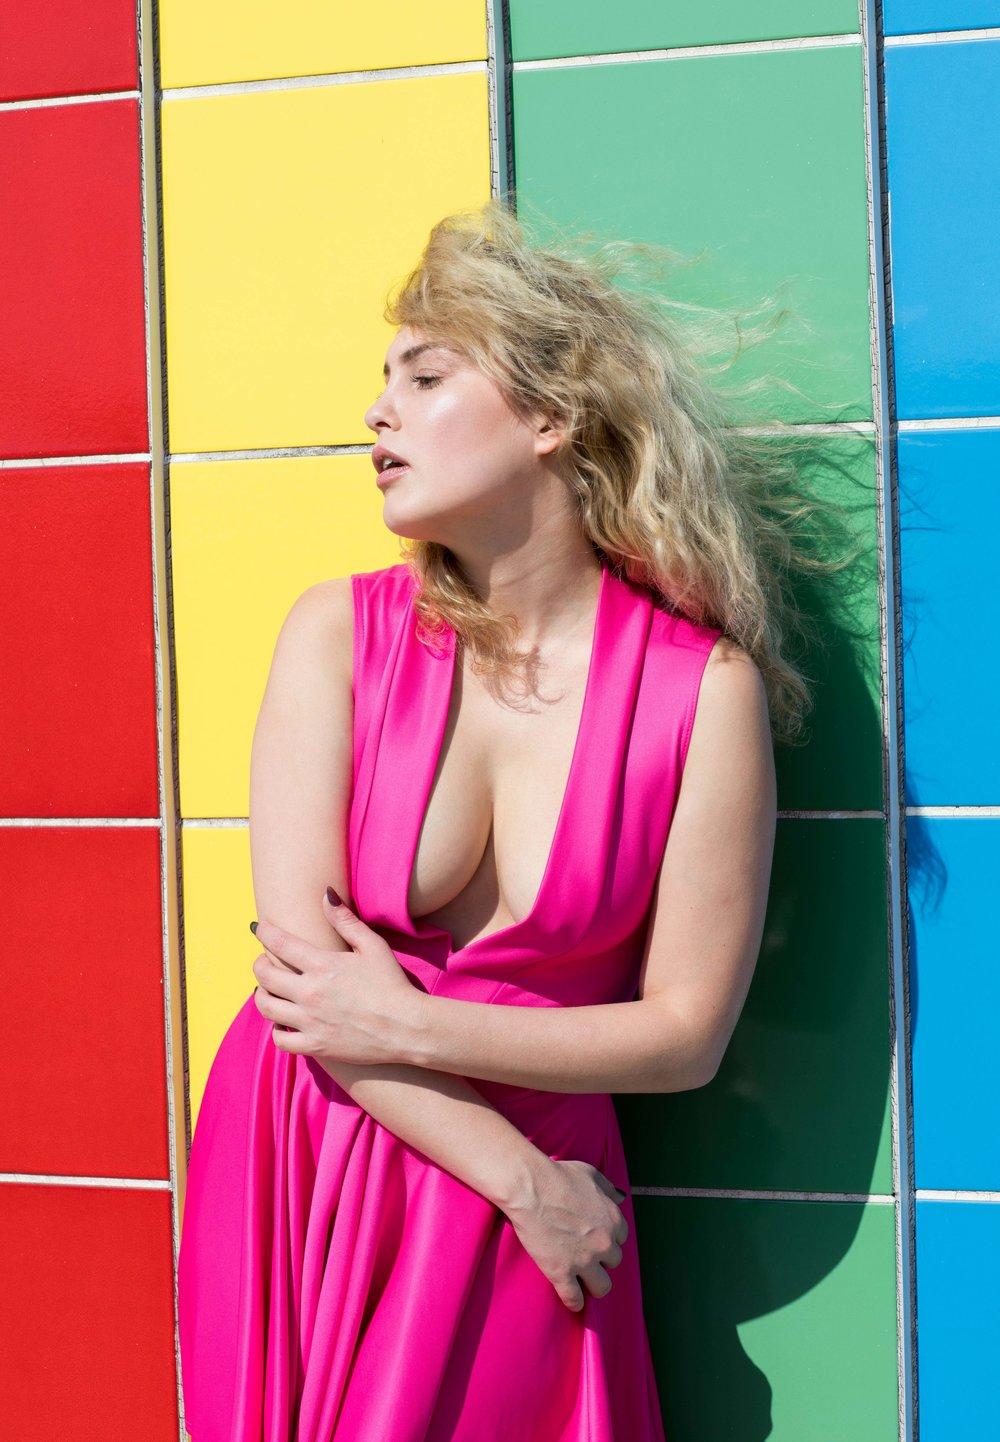 Youtube Alex van Zeelandt naked (38 photos), Pussy, Cleavage, Instagram, in bikini 2019